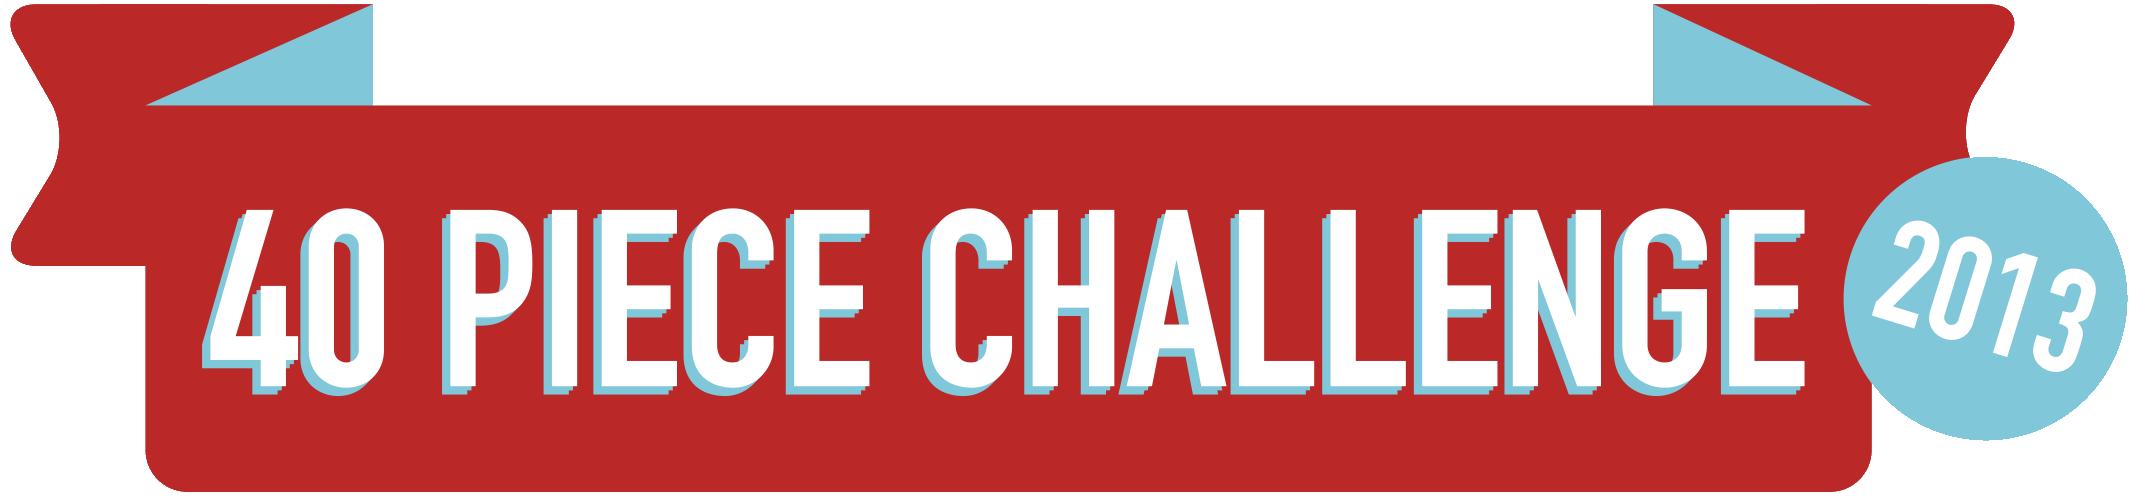 40 Piece Challenge 2013